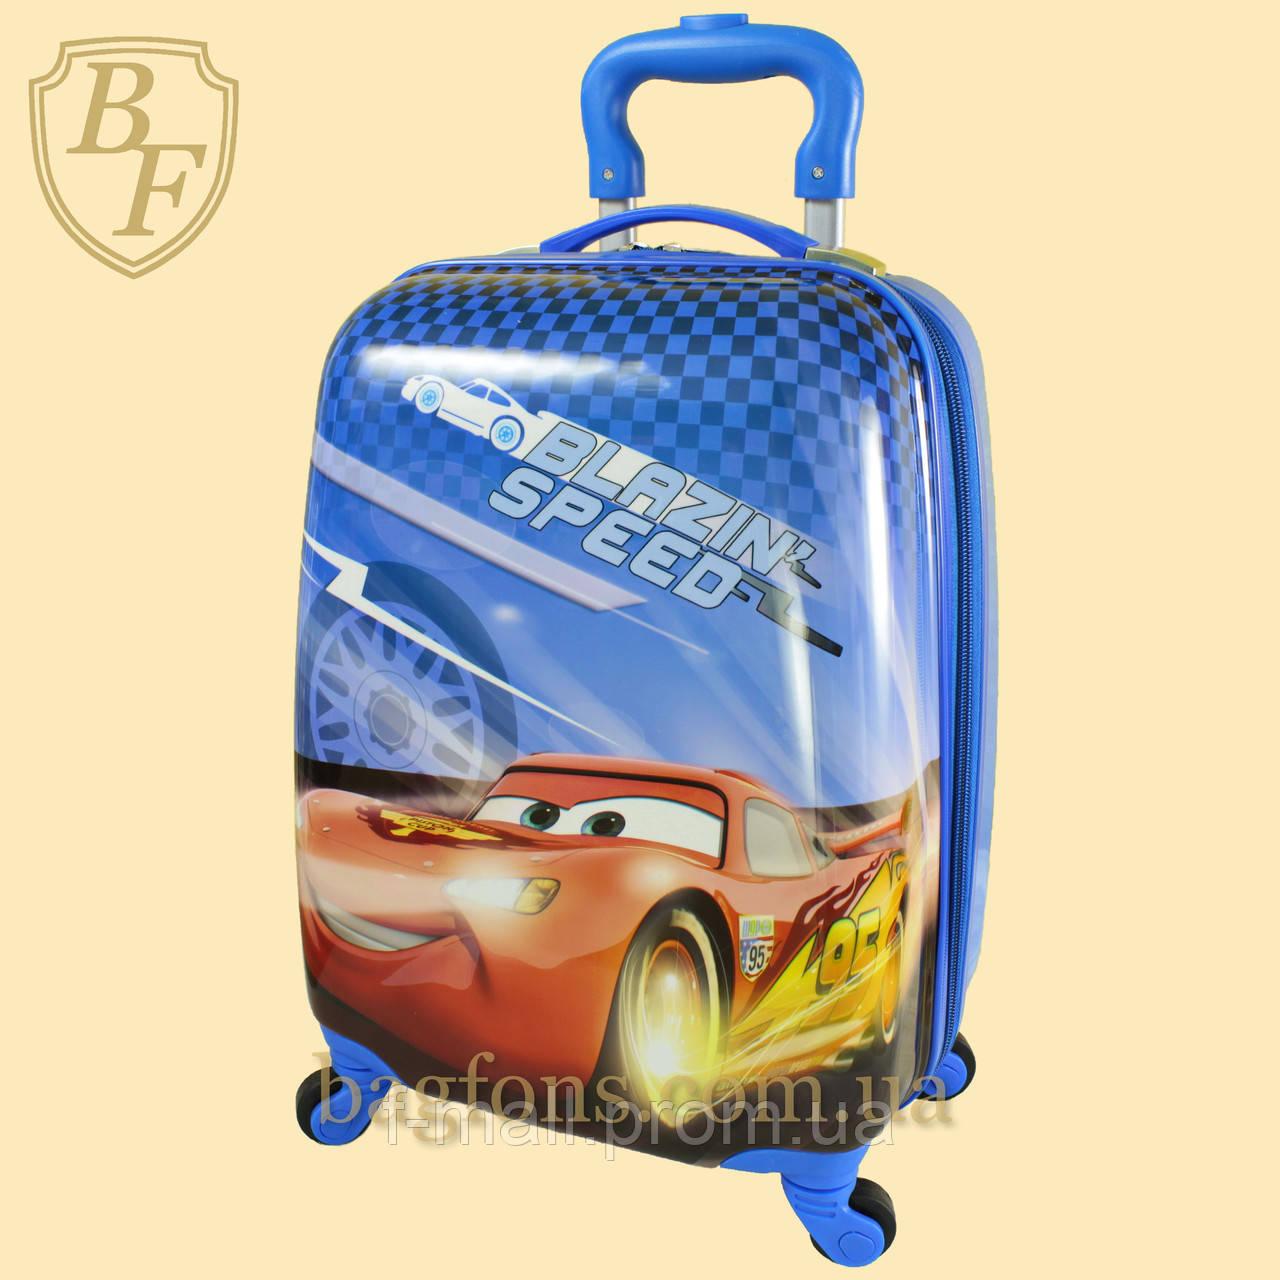 Детский чемодан Cars (Тачки)